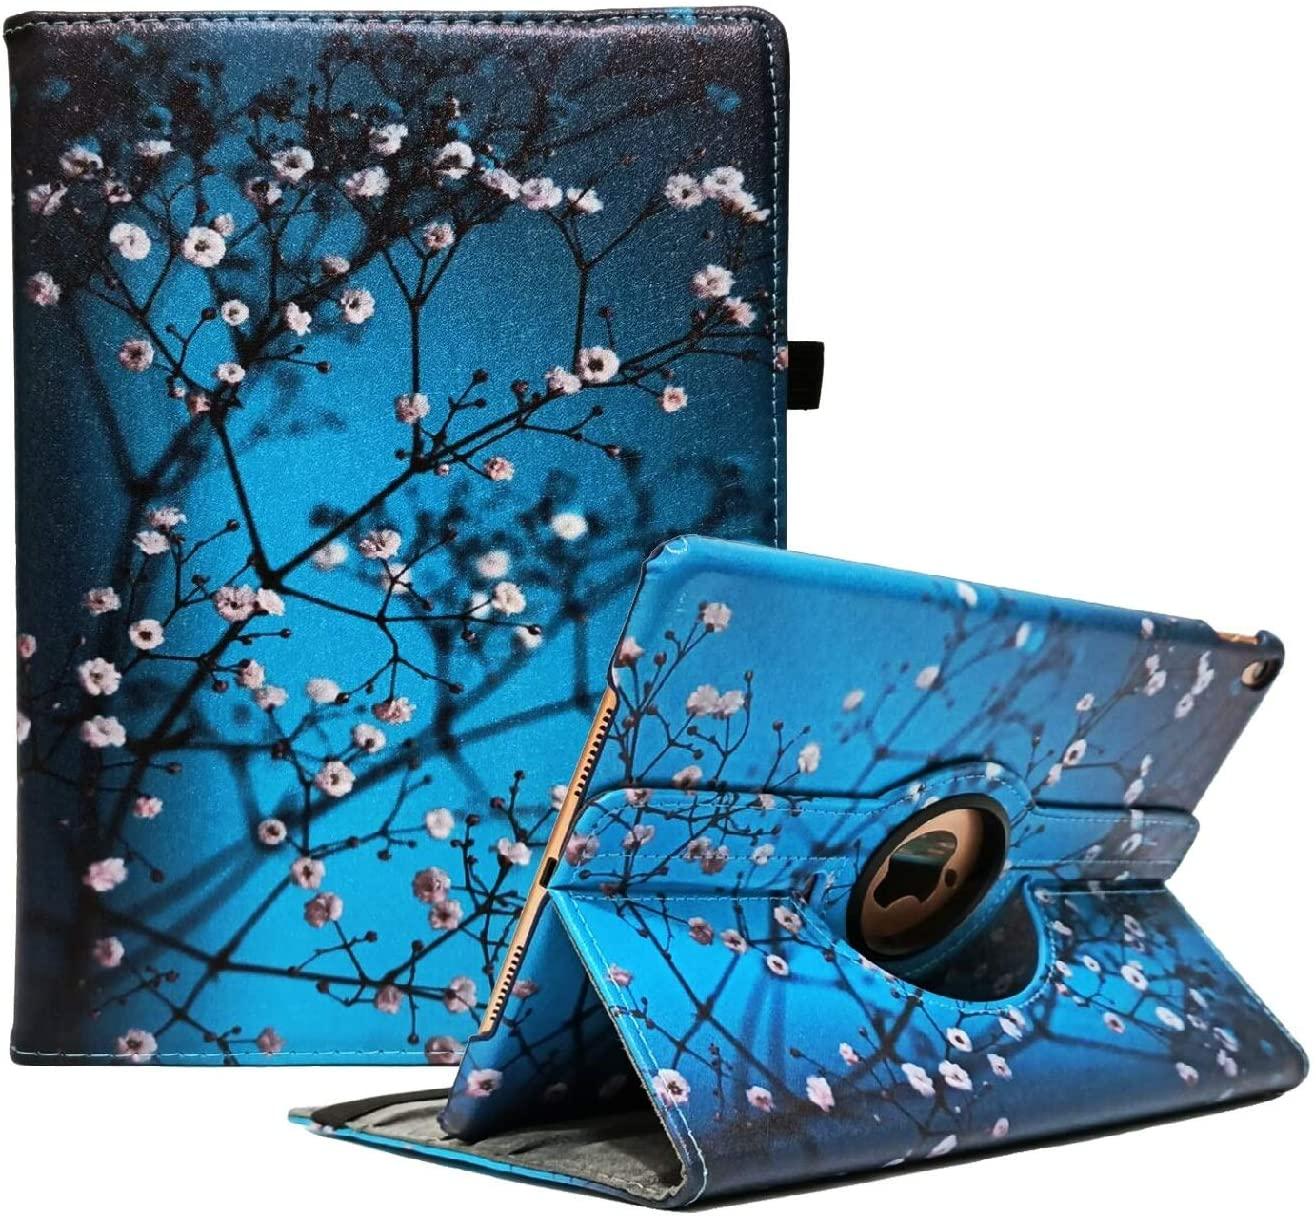 iPad Air (3rd Gen) 10.5